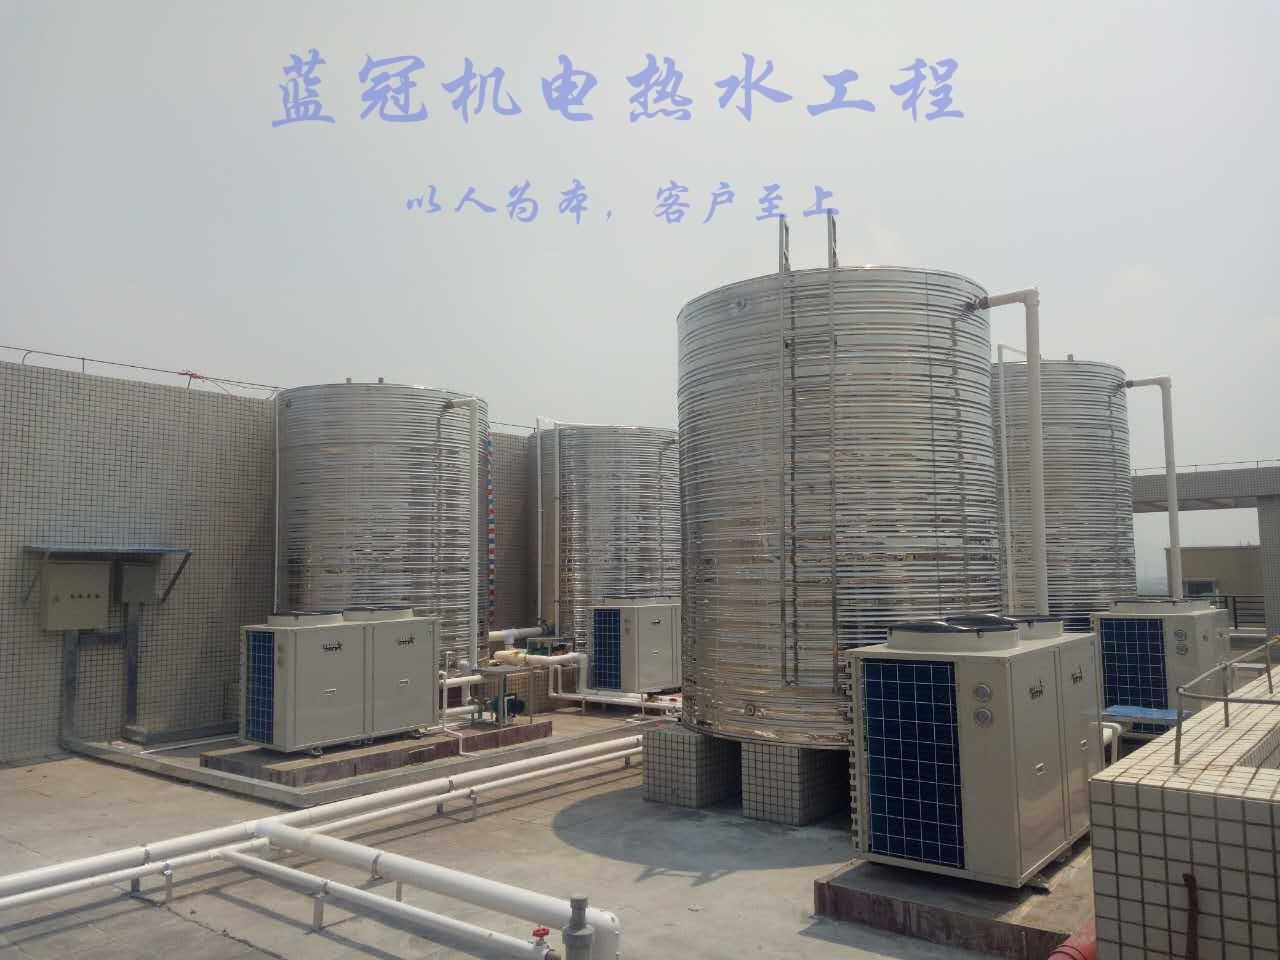 蓝冠机电专业空气能热水工程、太阳能热水工程方案设计、施工安装、售后维修服务商